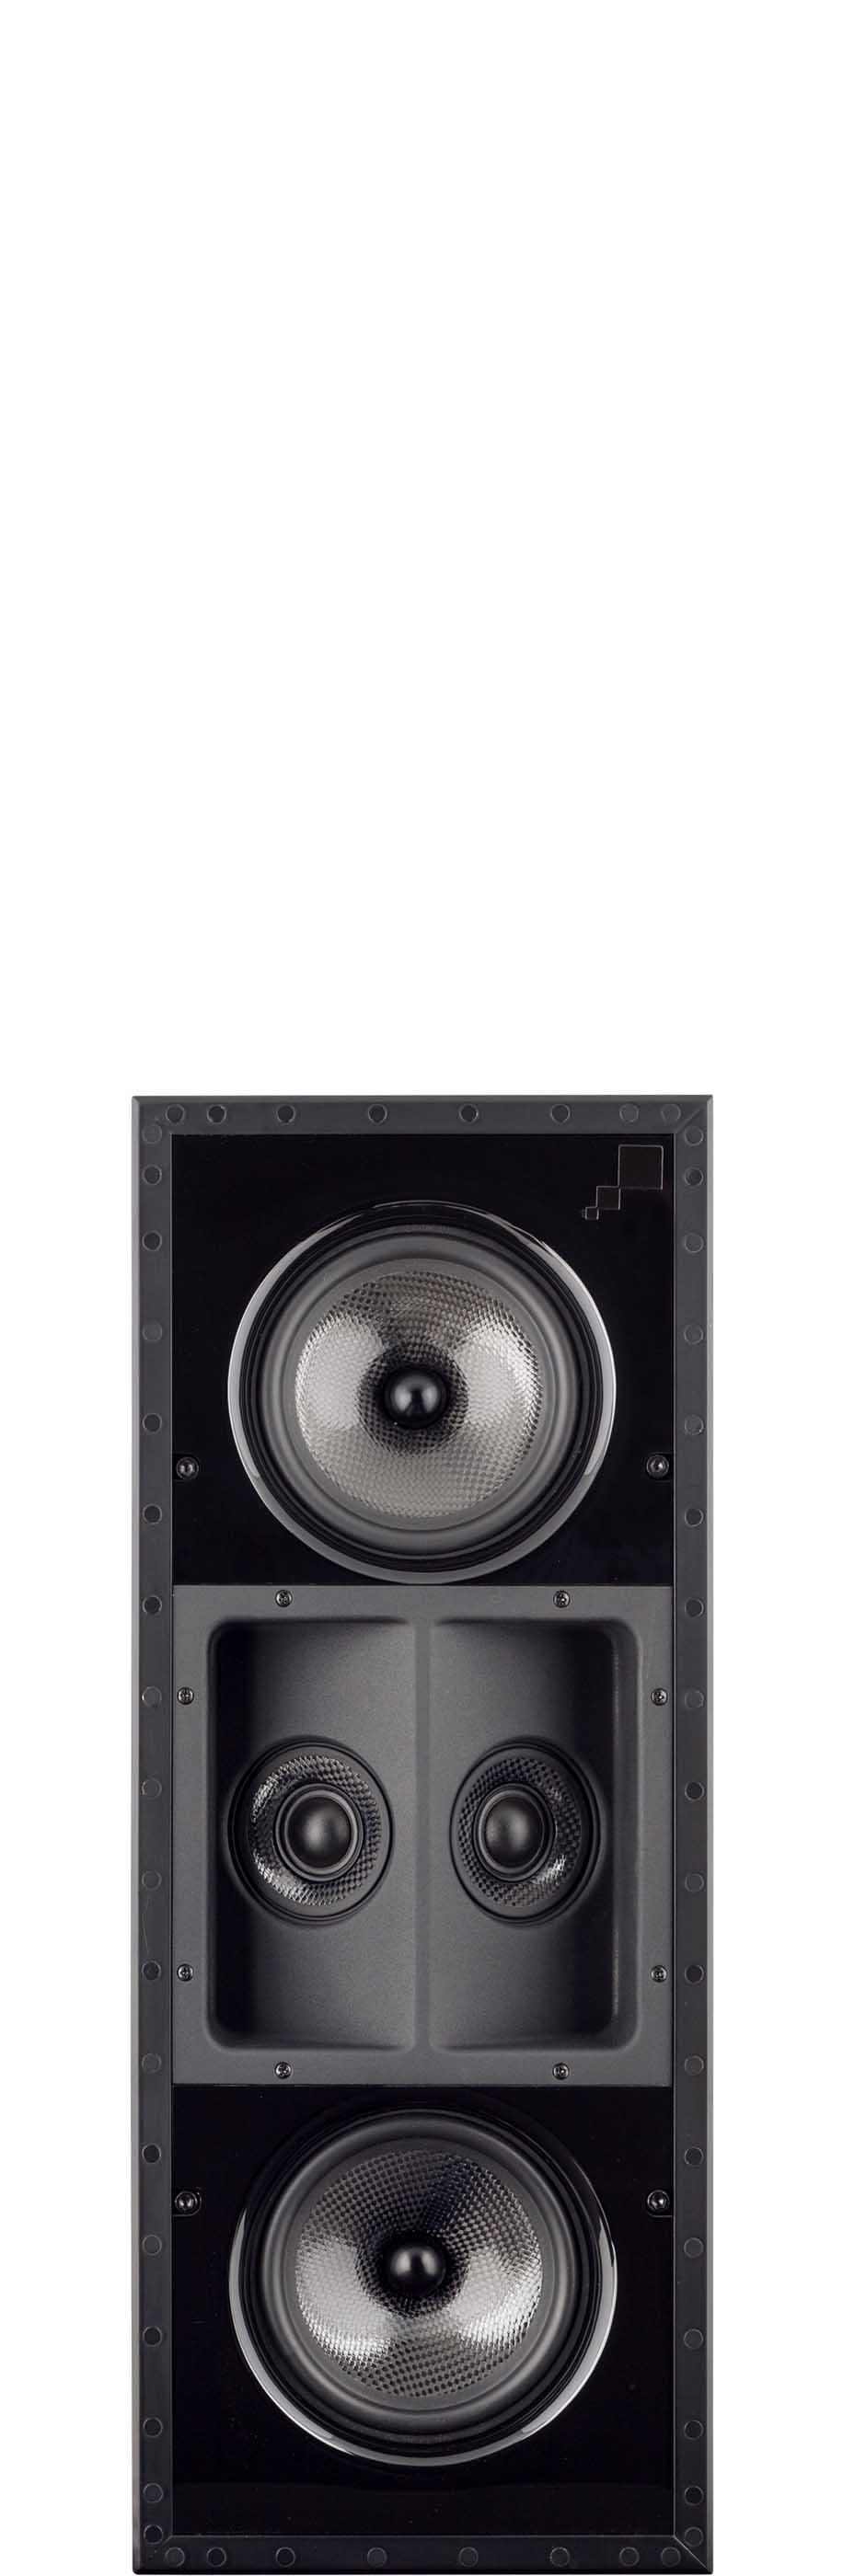 SUR1_110312 встраиваемые в стены акустические системы